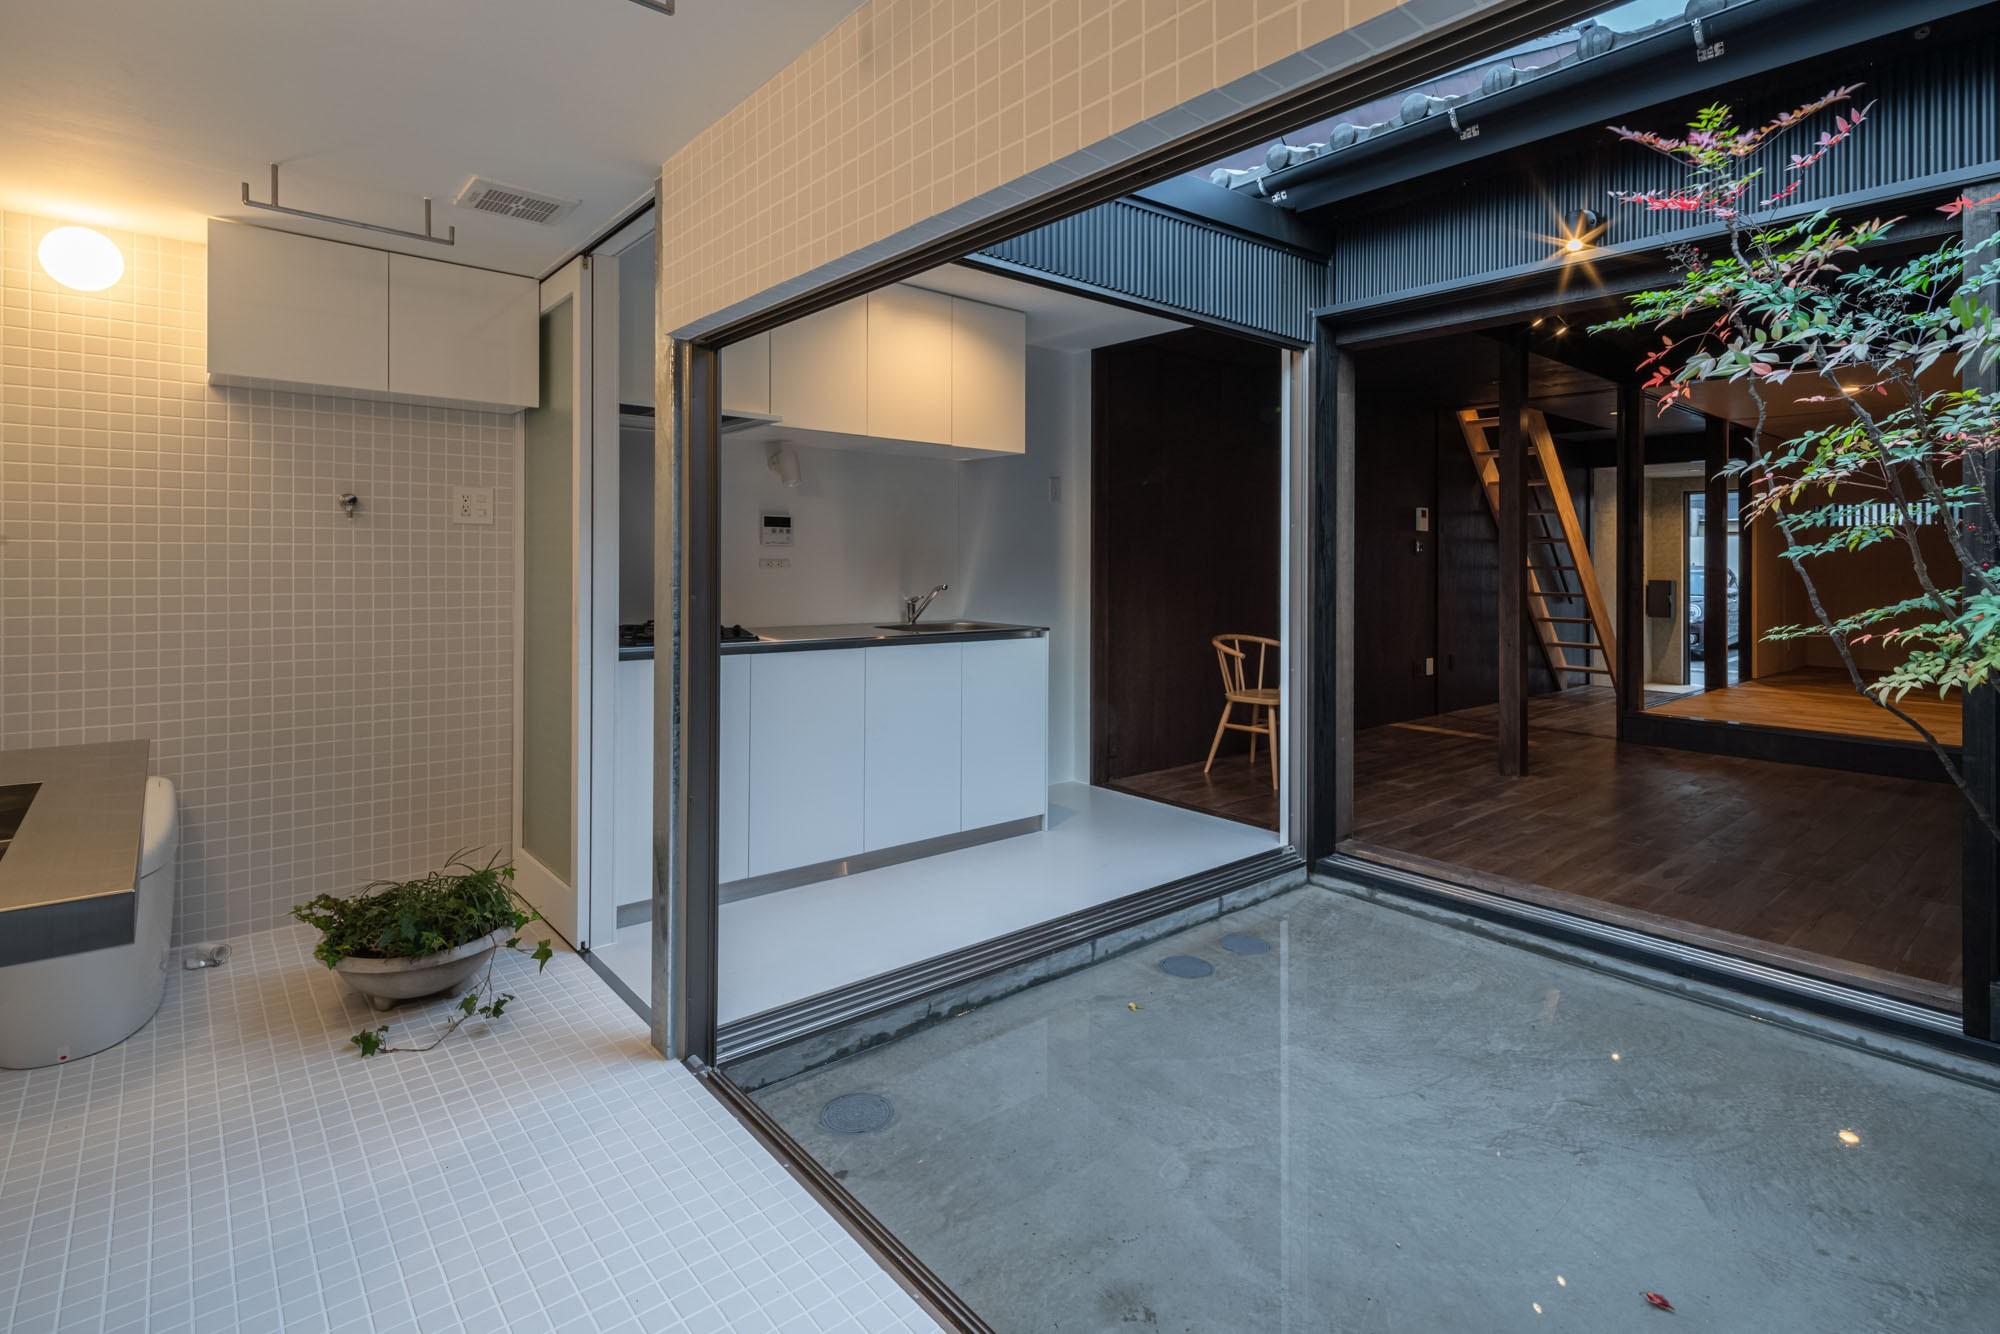 バス/トイレ事例:浴室からキッチン・母屋を見る /光庭を挟んで母屋のリビングダイニングとつながる(『RE長屋‐ITO2』~新:旧・モダン:和 のコラボ~(古民家再生))